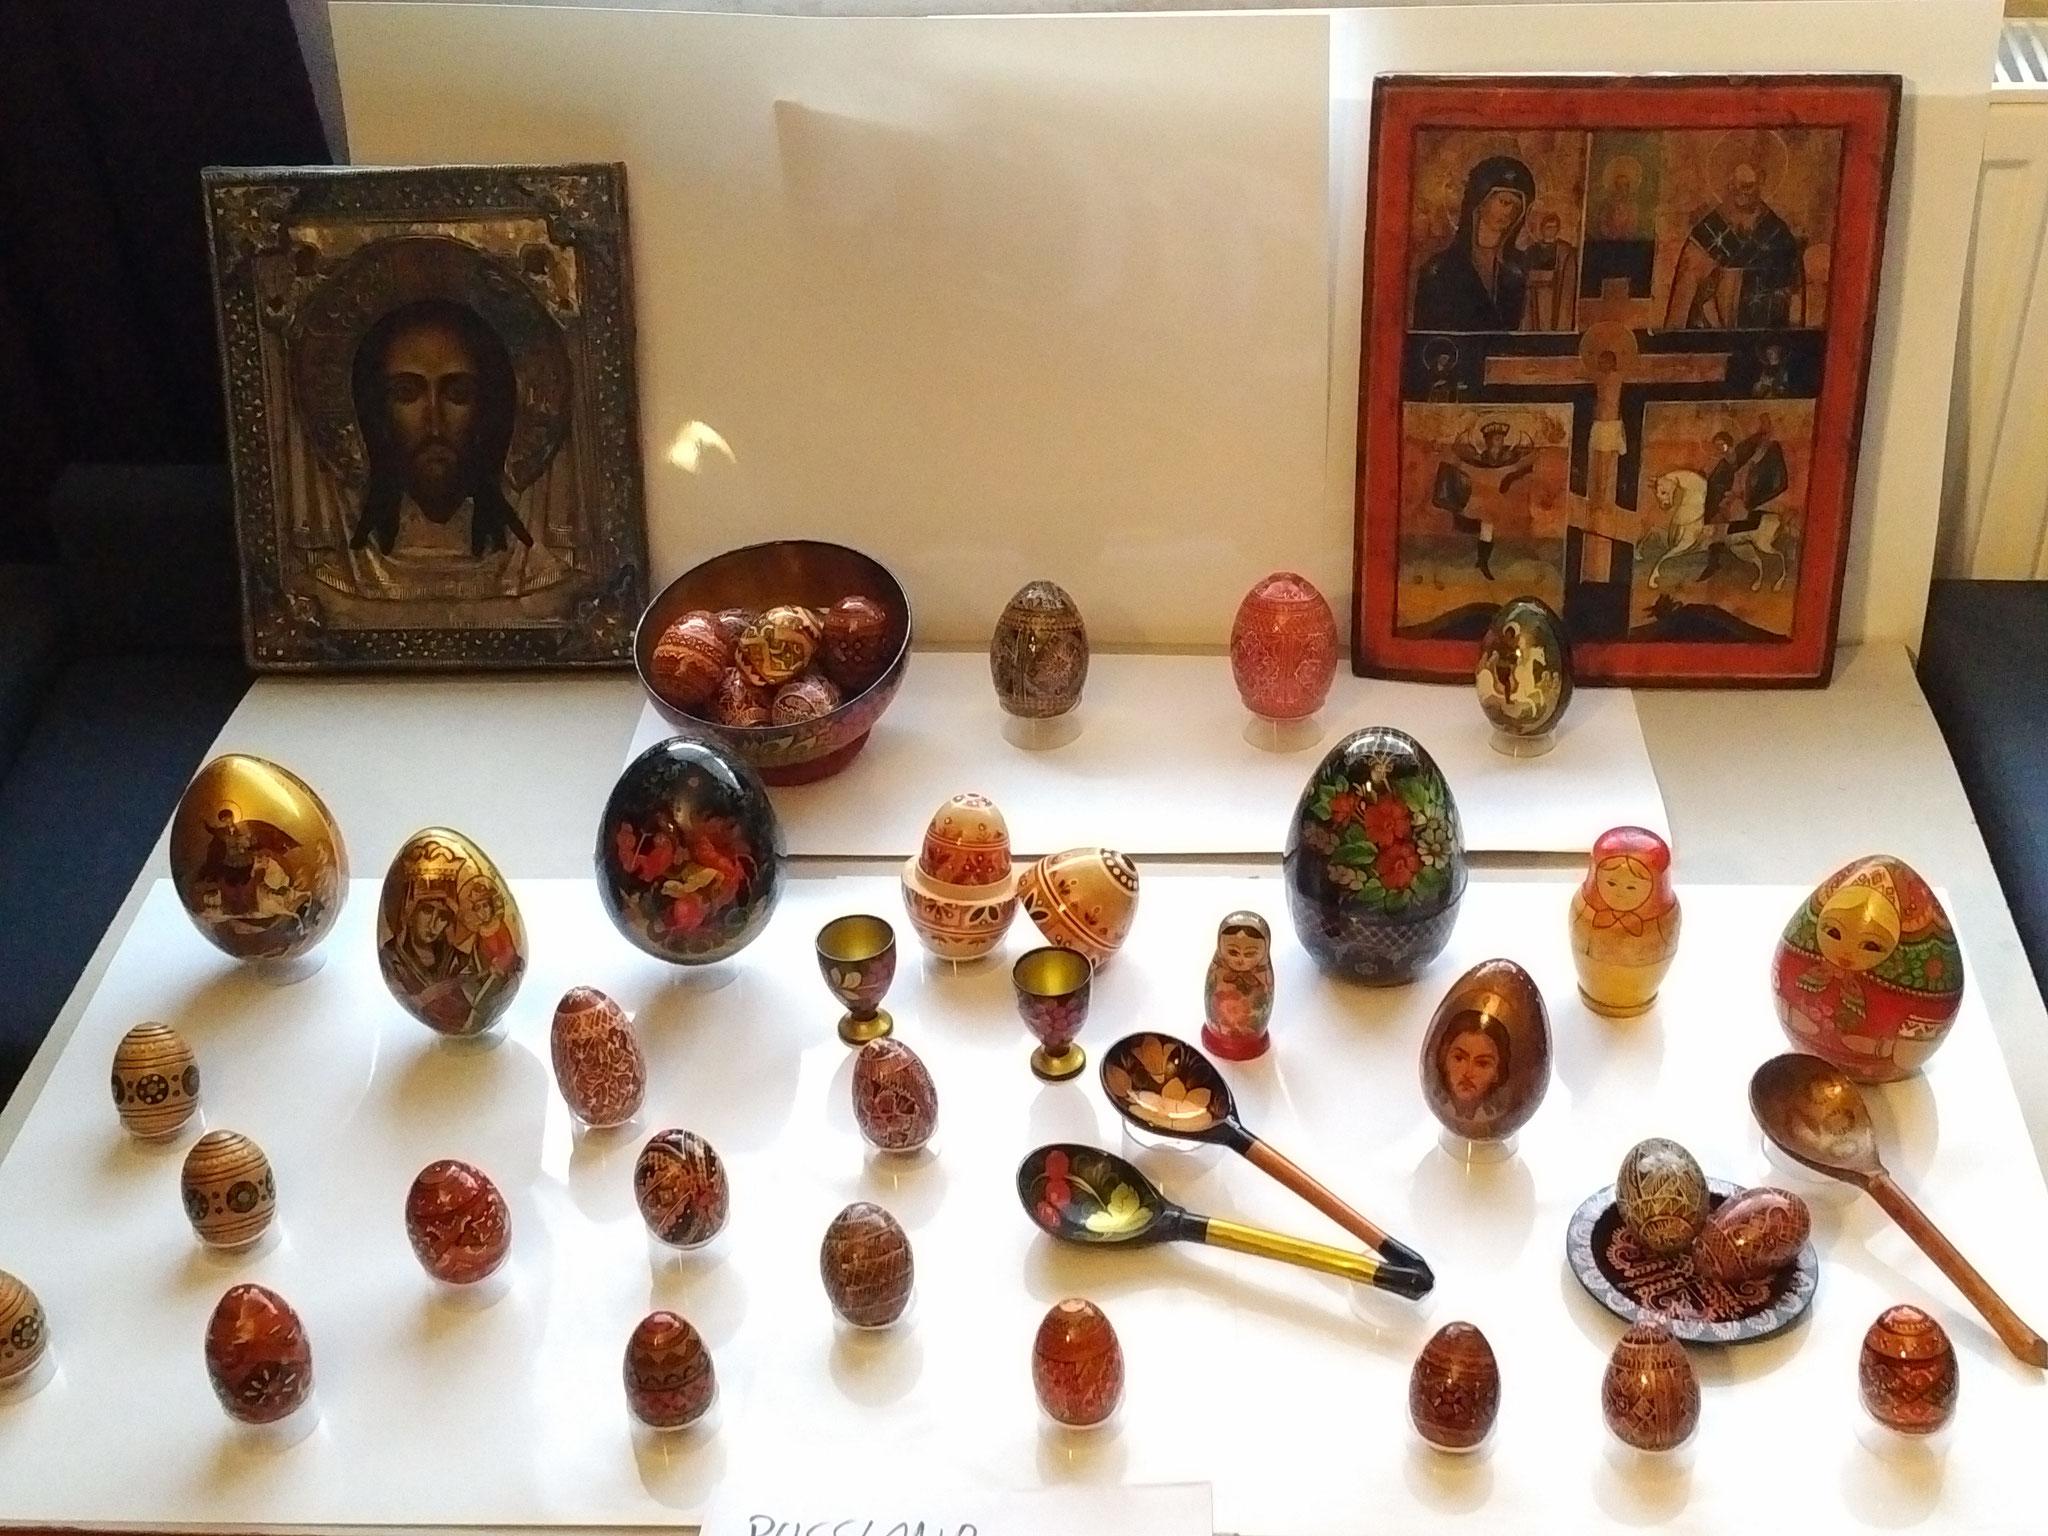 Vorbereitung und Planung einer Ausstellung (Hier russische Ostereier)